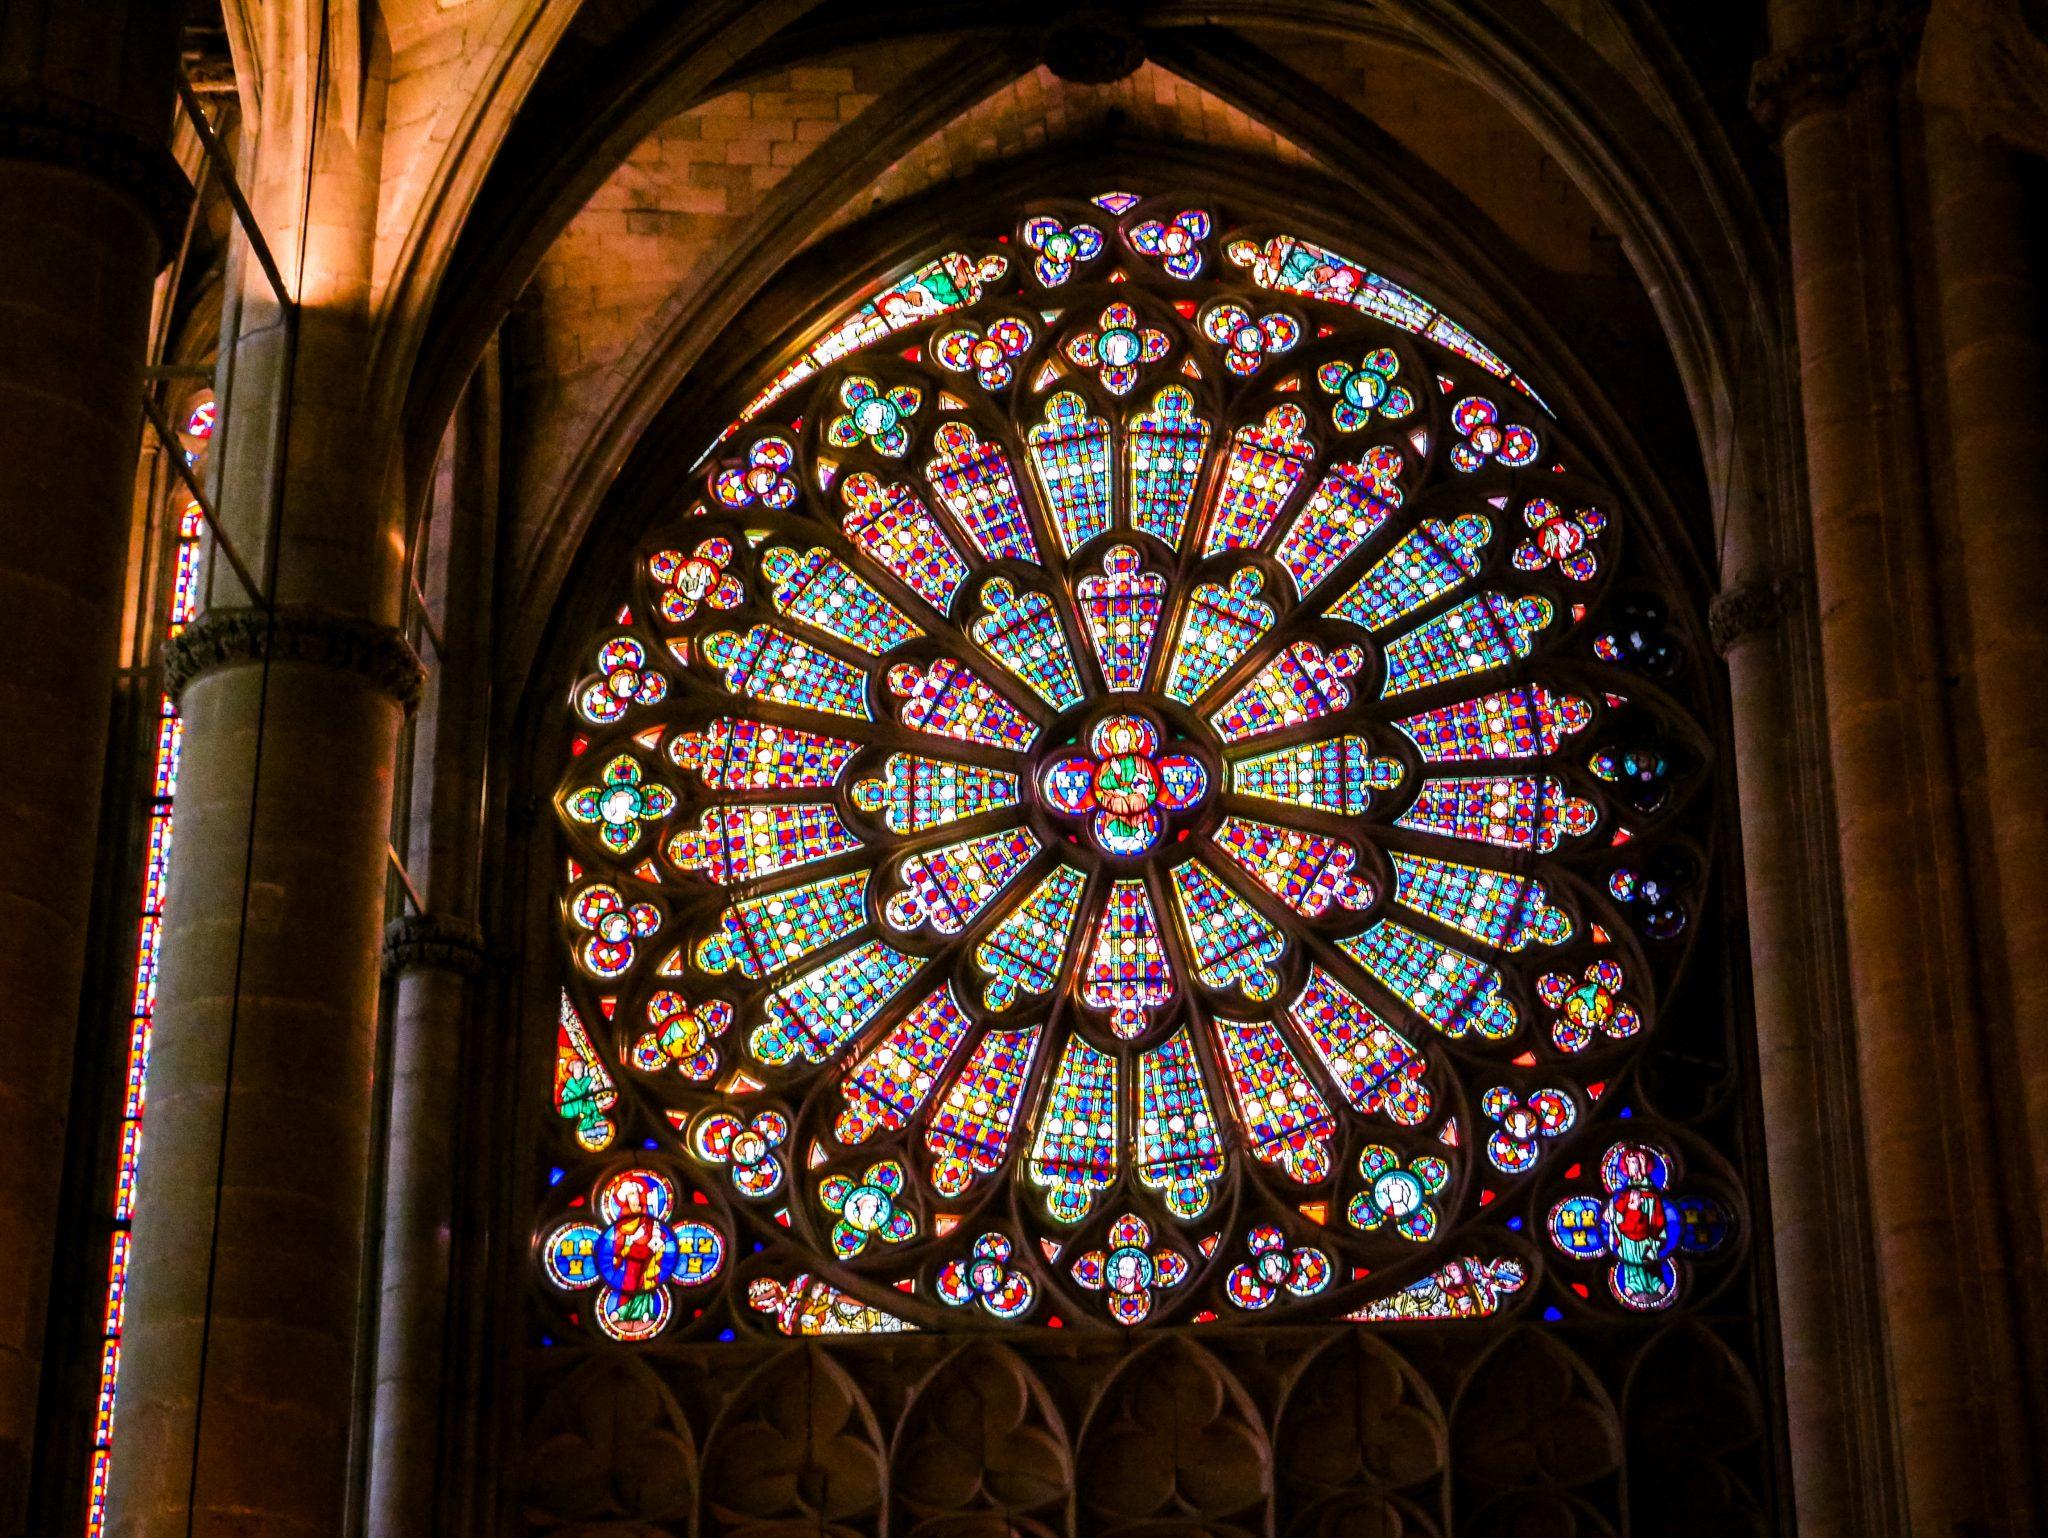 Dieselben beiden Fensterrosen kannst du auch im Notre Dame in Paris bewundern.